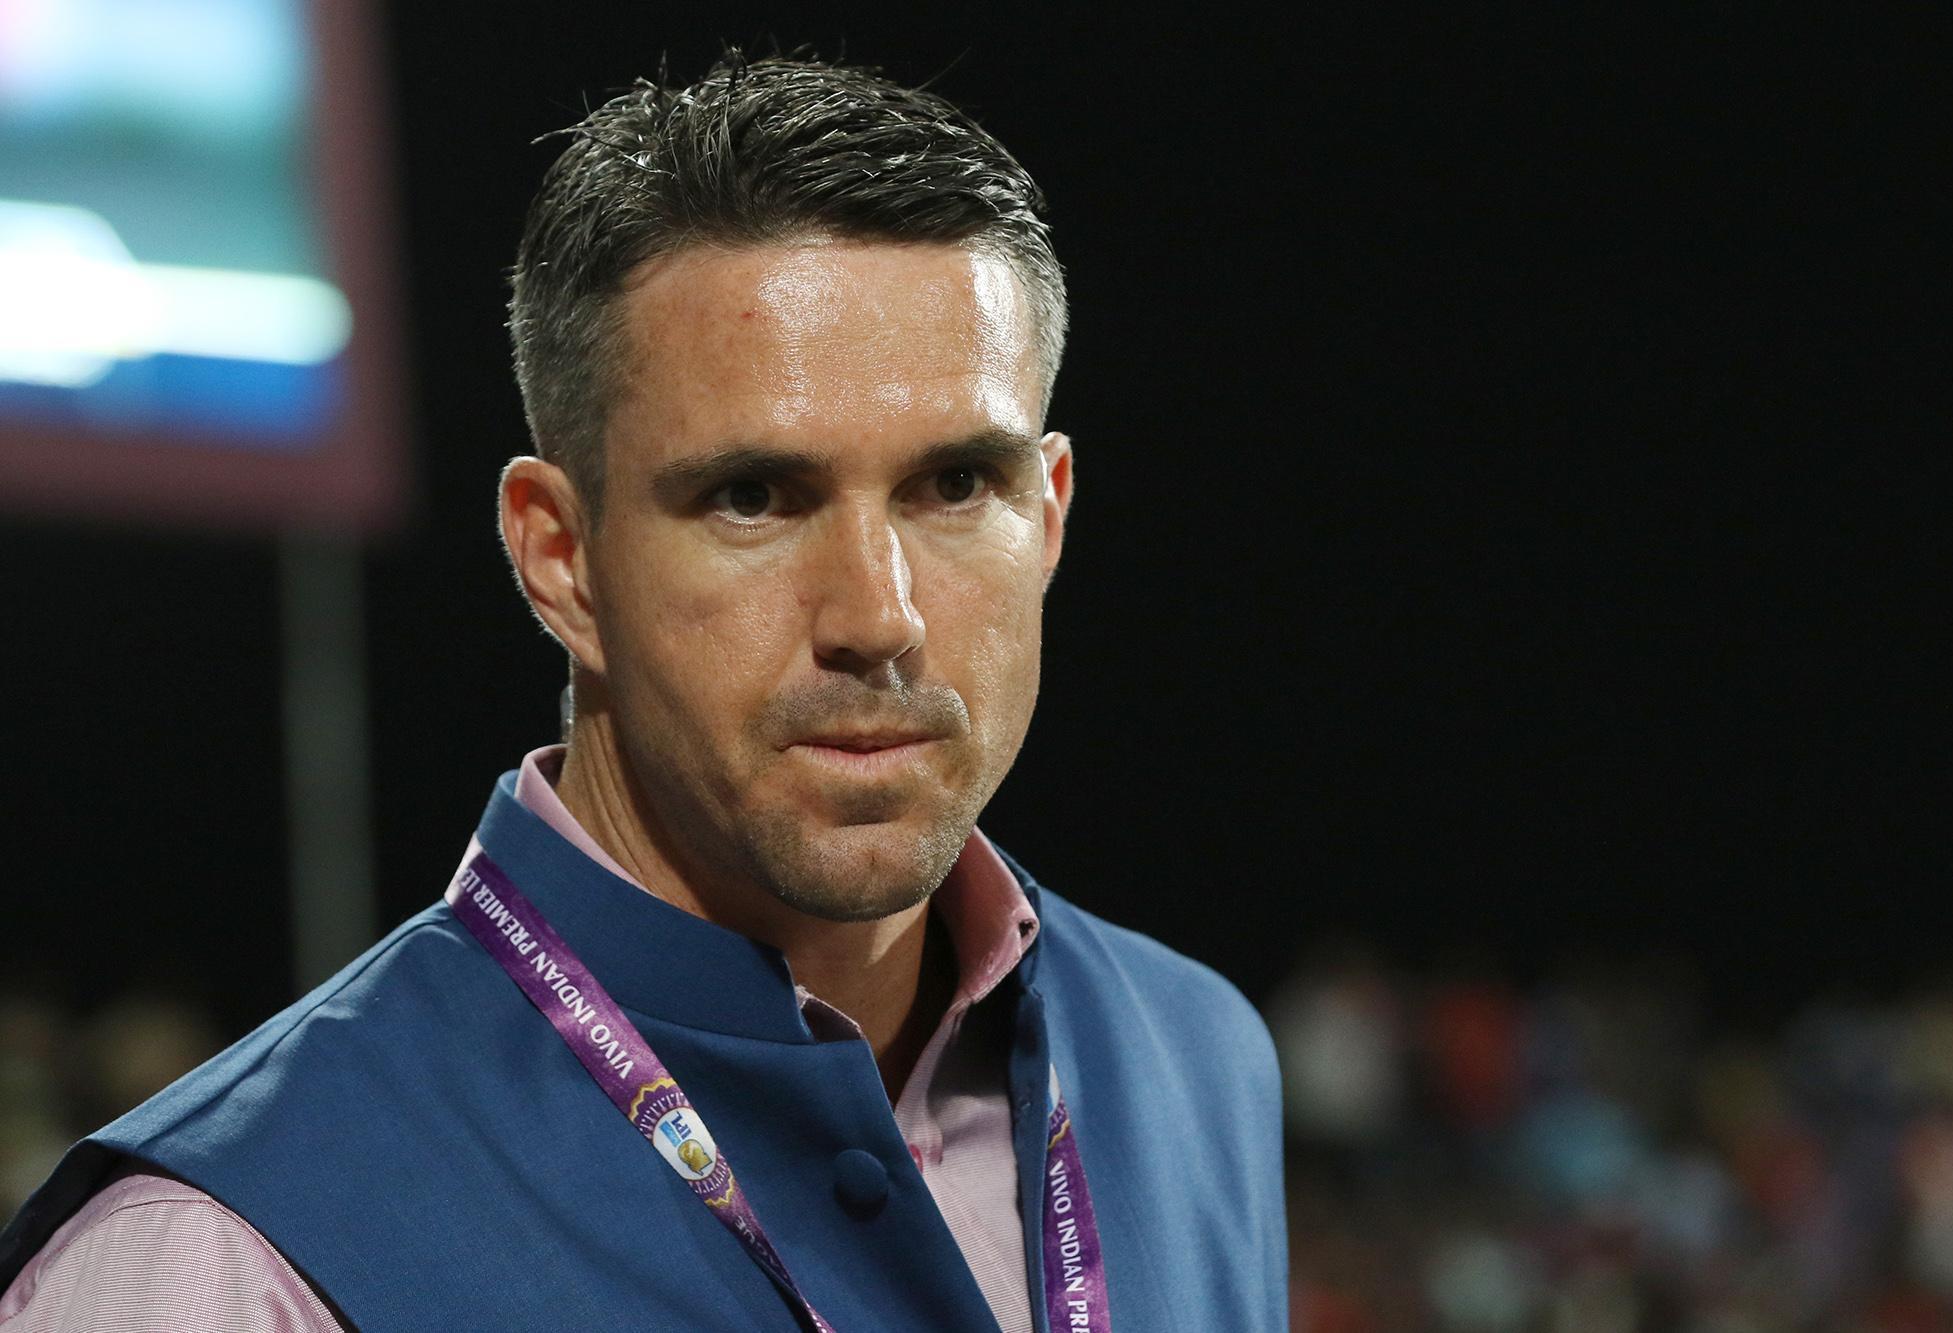 केविन पीटरसन ने पूरा किया रवी शास्त्री का चेलेंज 2